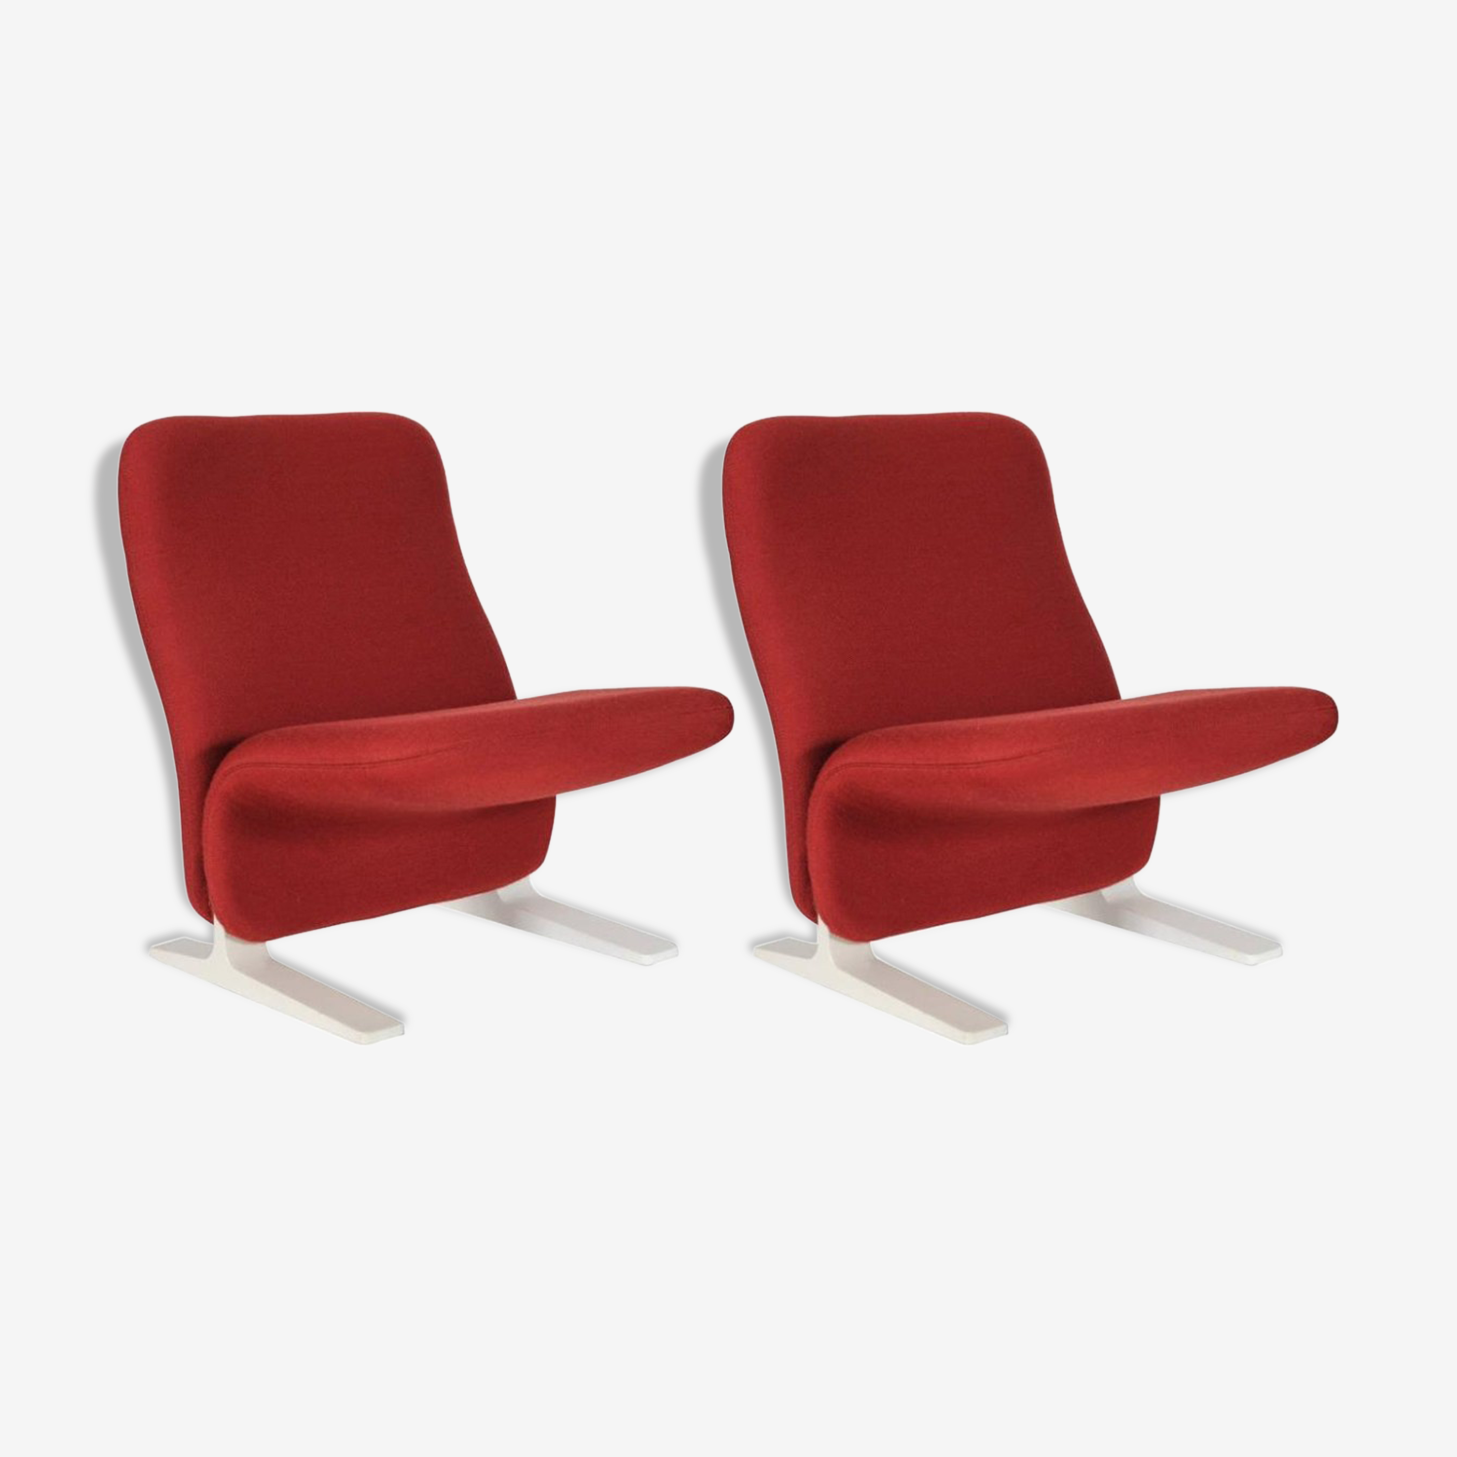 """Paire de fauteuils """"Concorde"""" vintage par Pierre Paulin pour Artifort 1950s"""